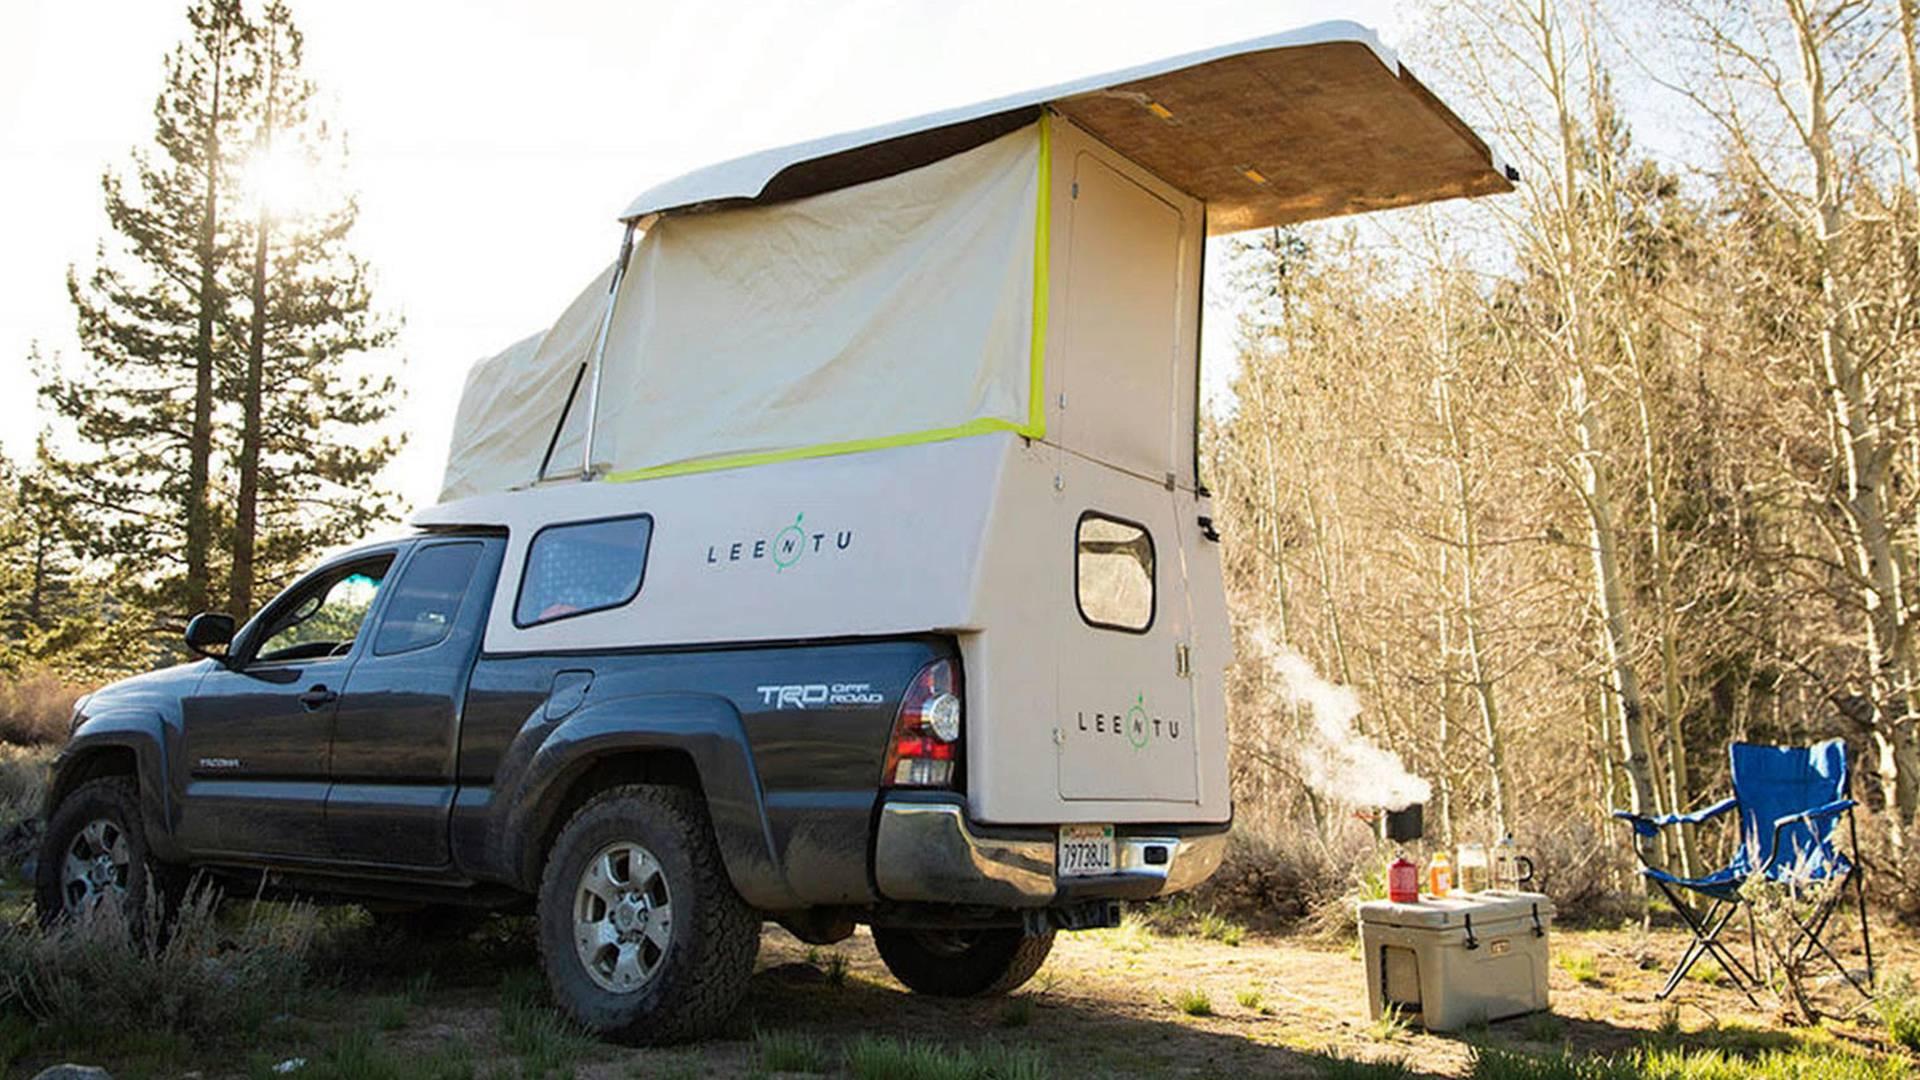 Leentu Pop-up Camper